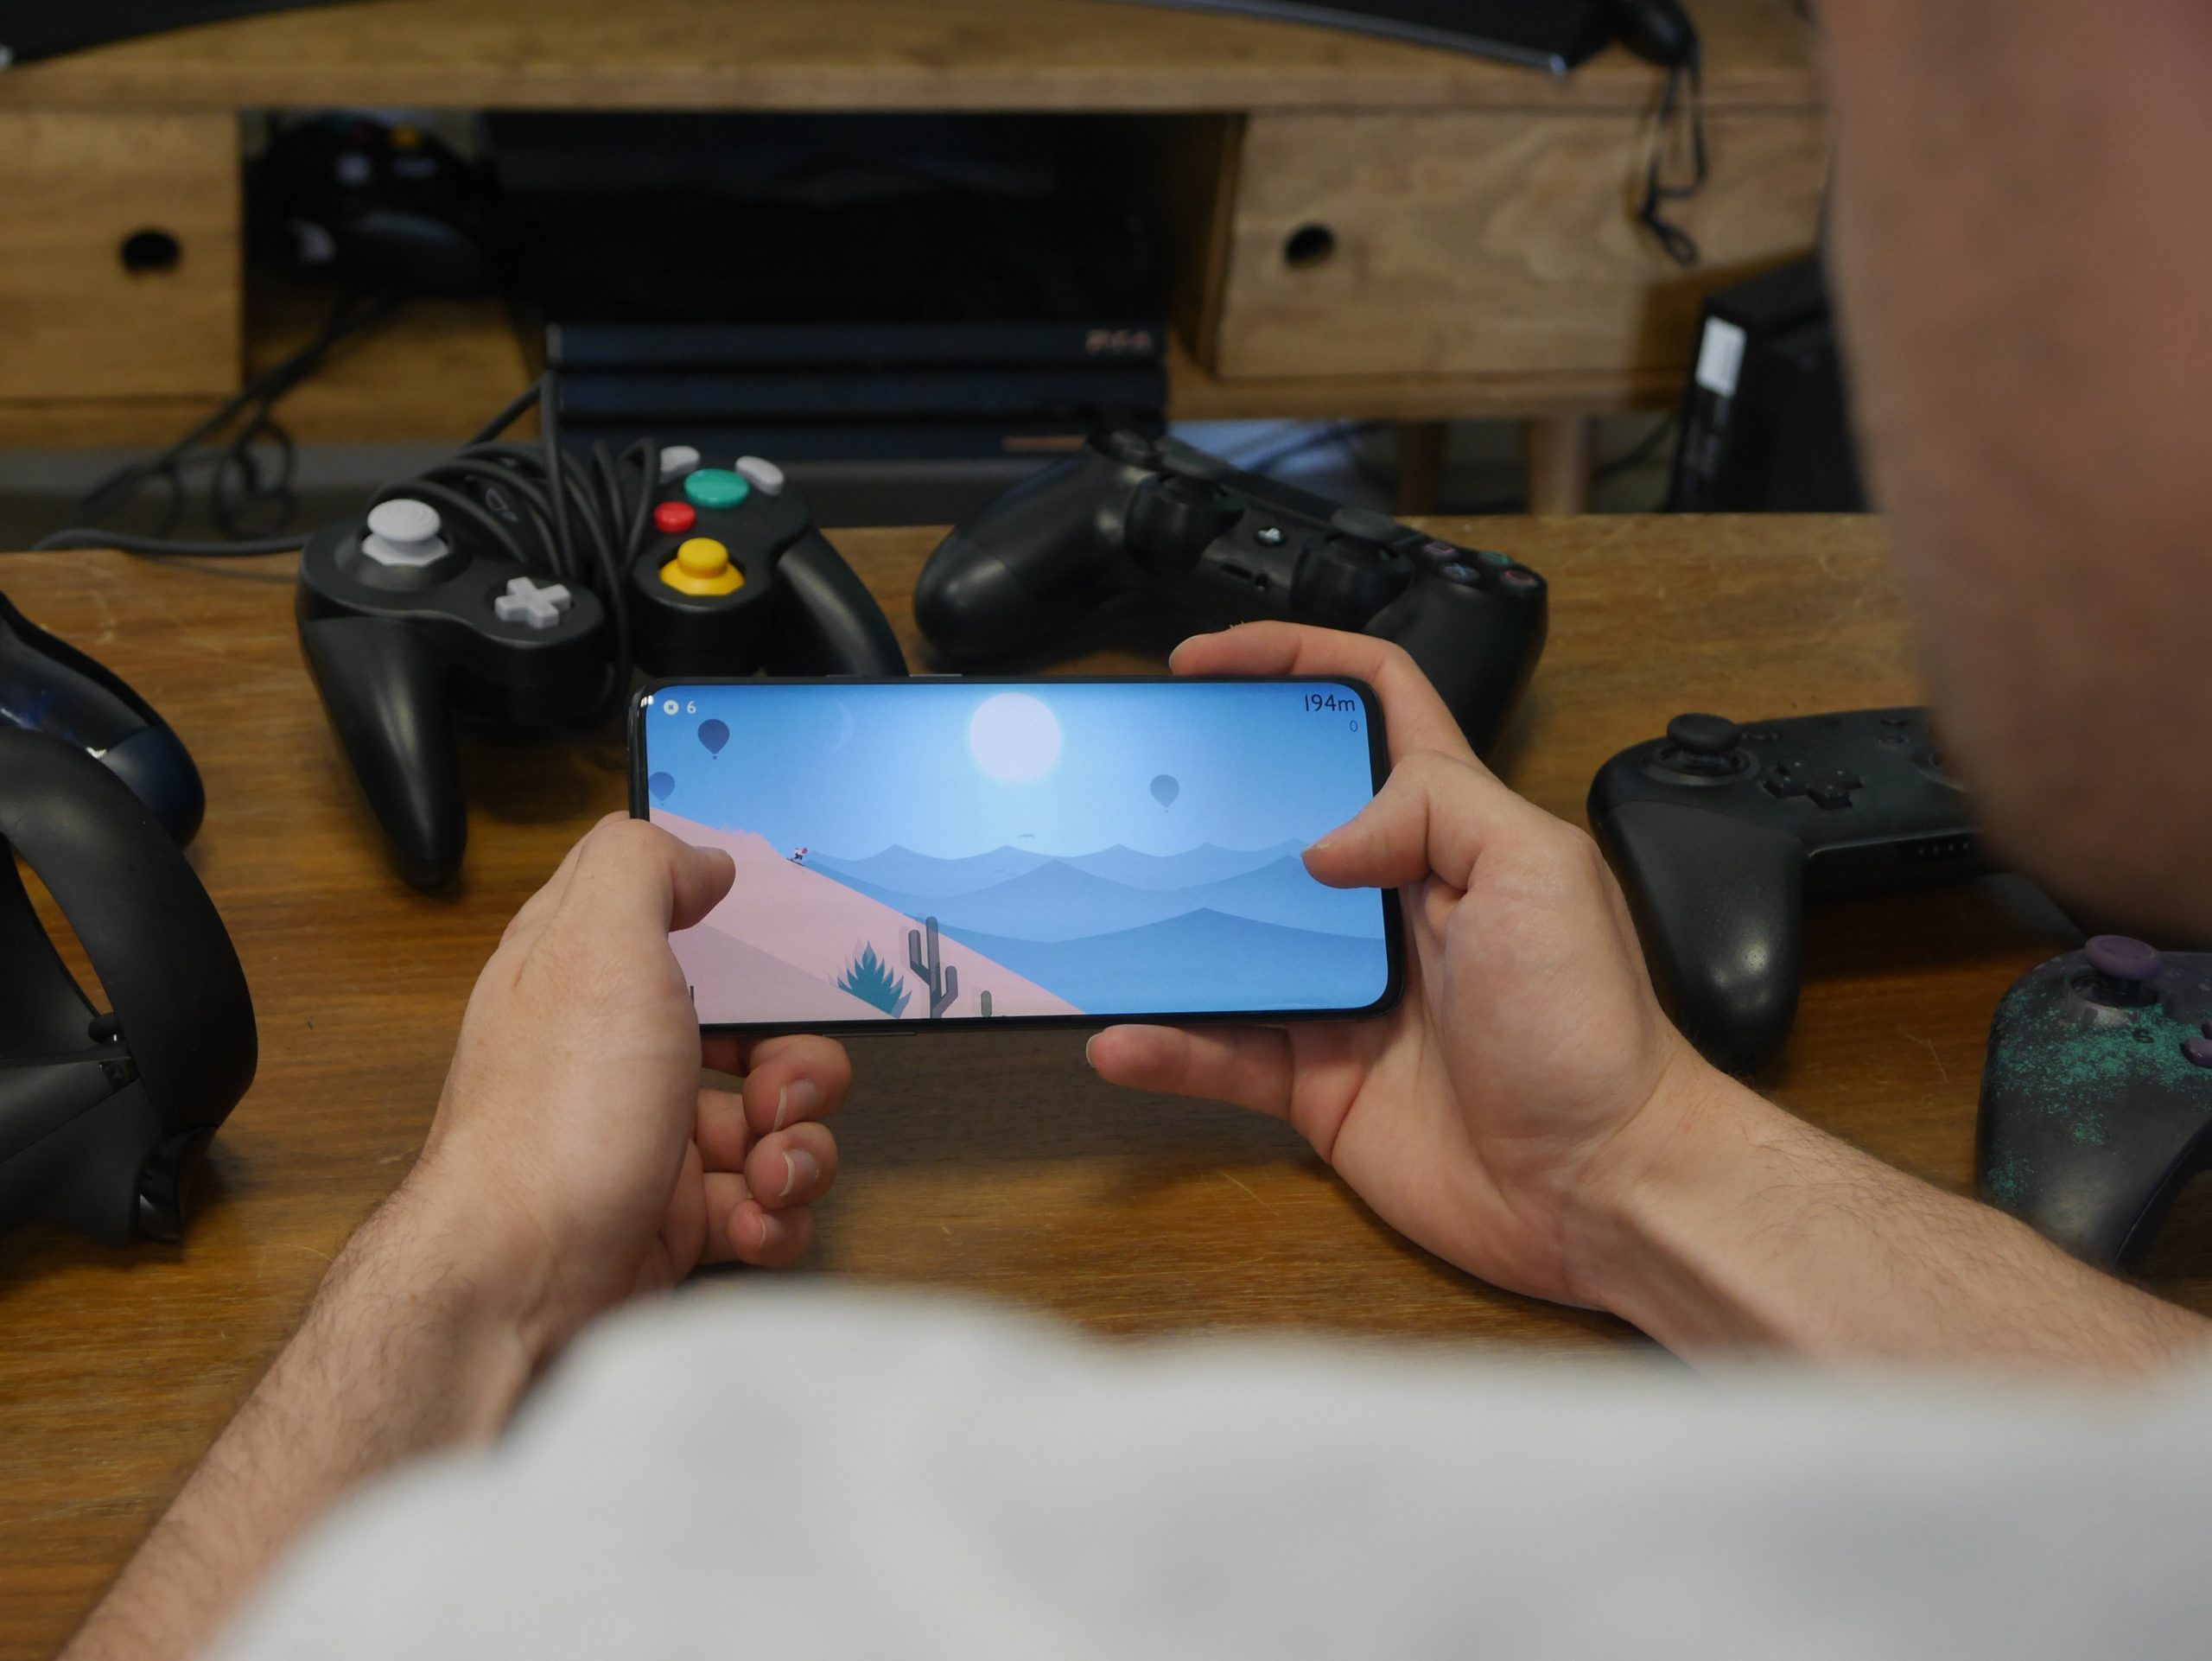 Les Meilleurs Jeux Gratuits Sur Android En 2020 encequiconcerne Jeux Gratuit Anglais